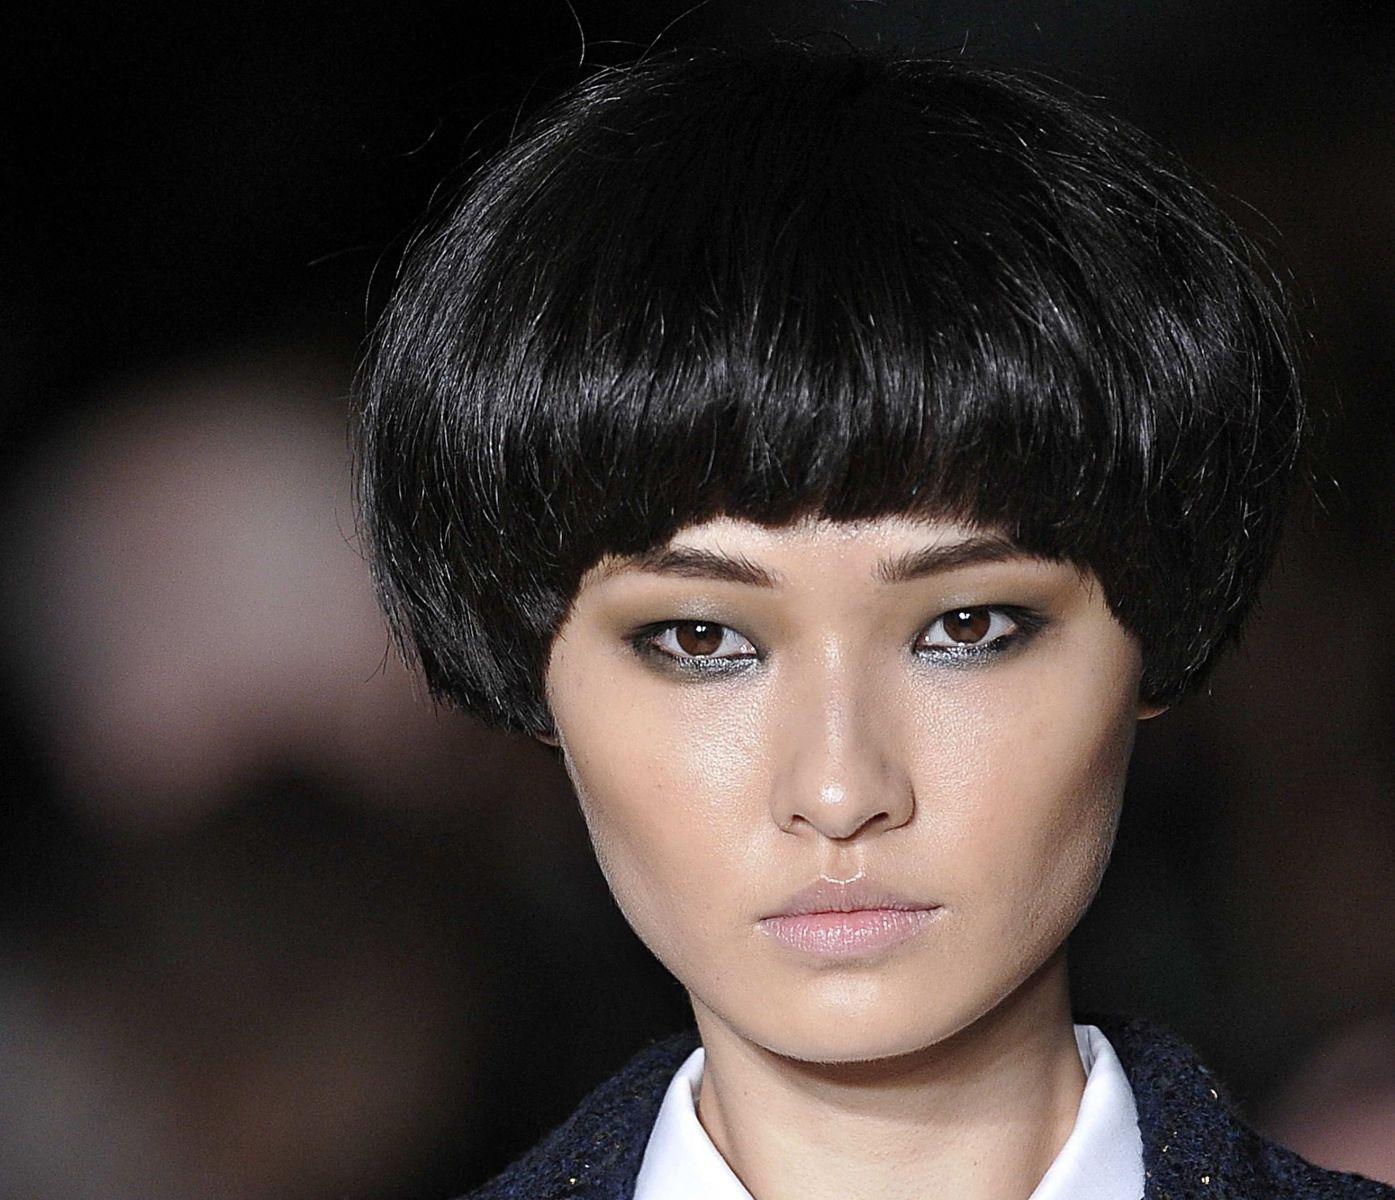 Примеры стрижек на тонкие волосы для треугольного лица с высоким лбом